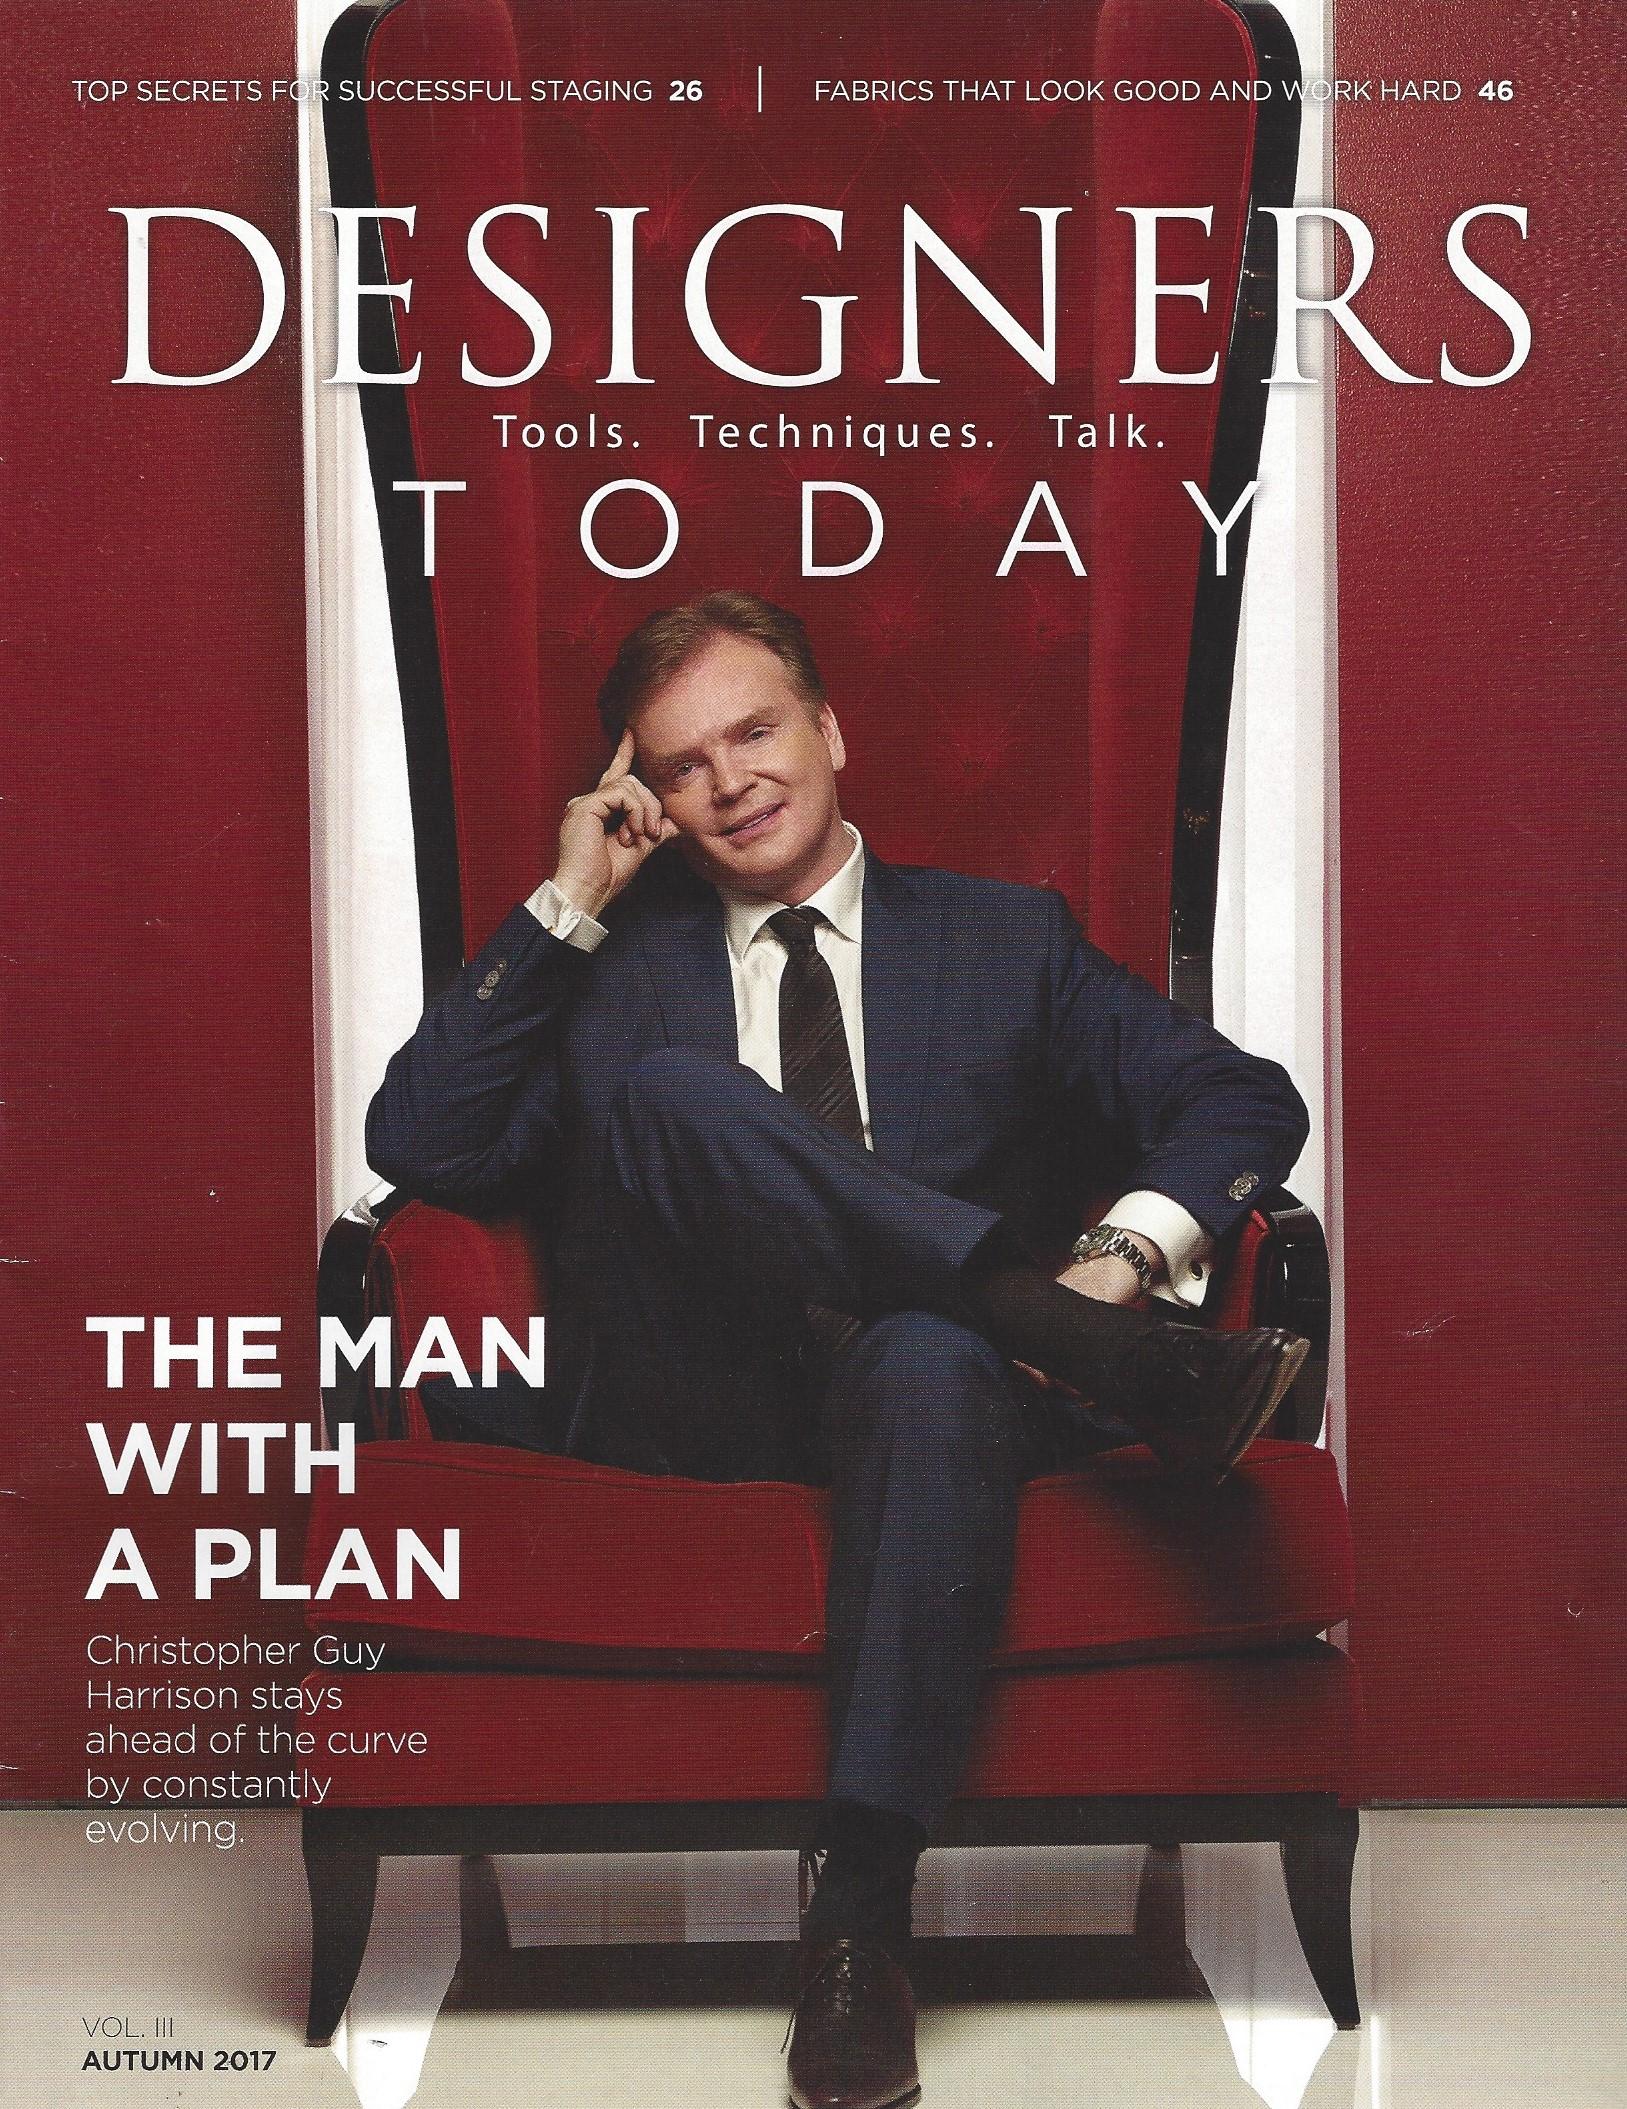 Designer's today cover.jpg